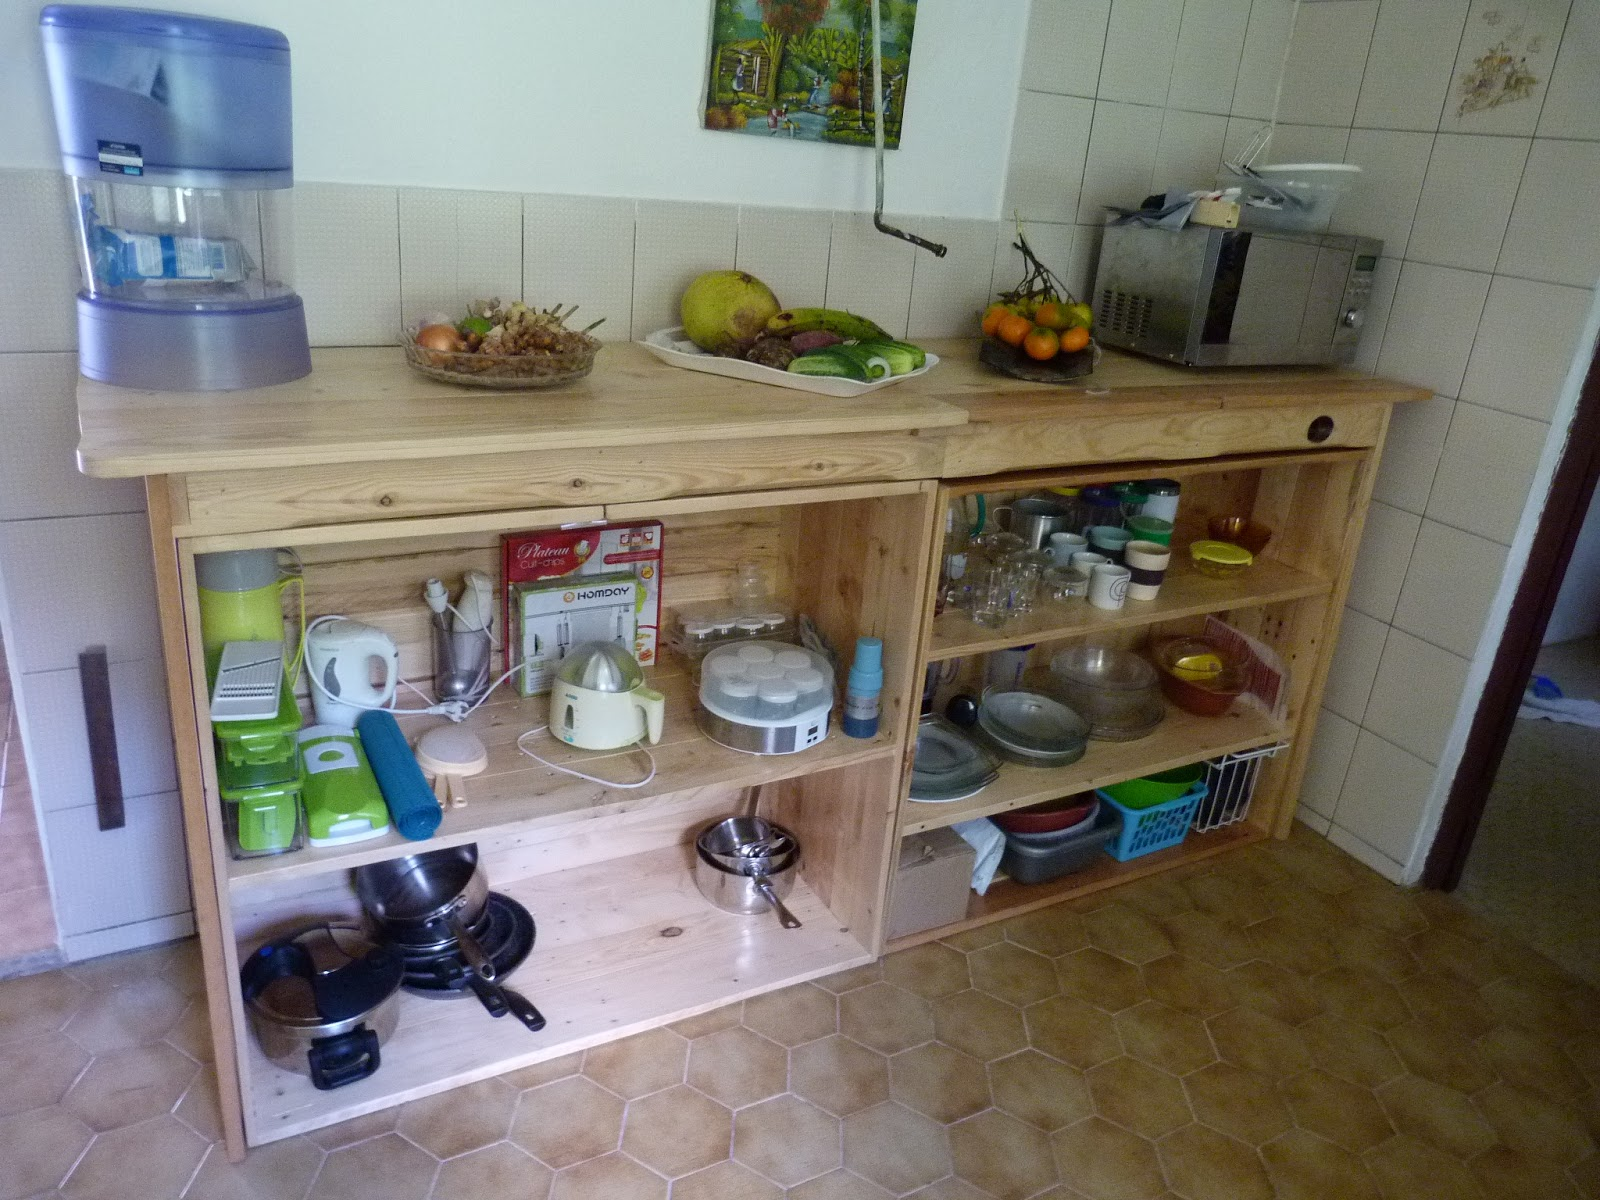 la pince en palette suite d 39 un ameublement de cuisine. Black Bedroom Furniture Sets. Home Design Ideas